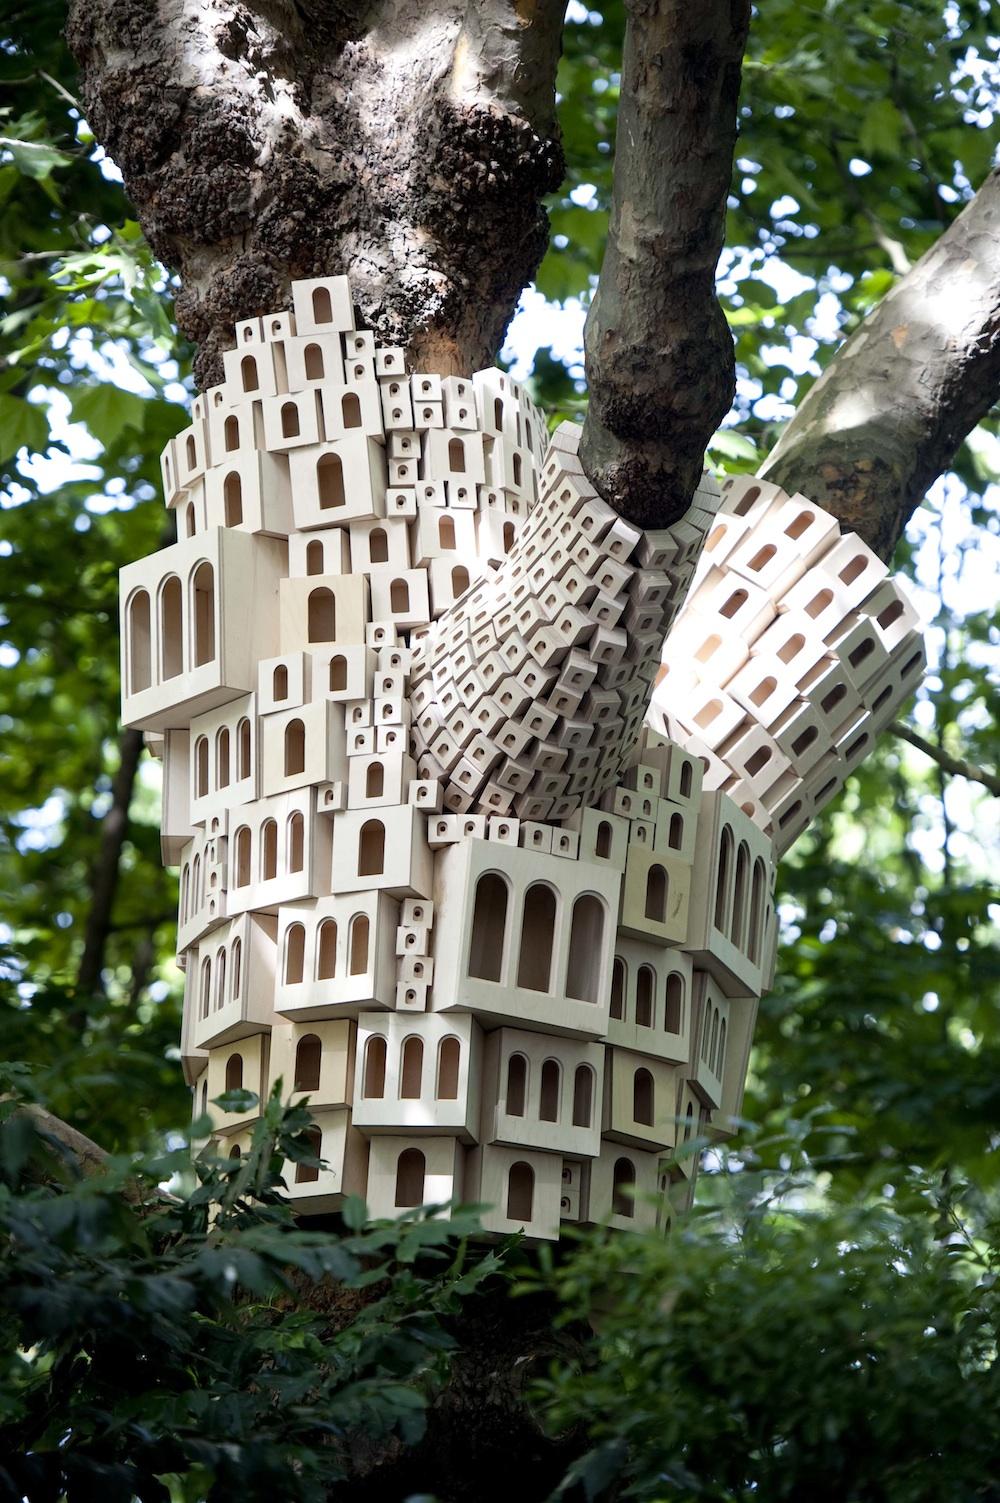 www.londonfieldworks.com